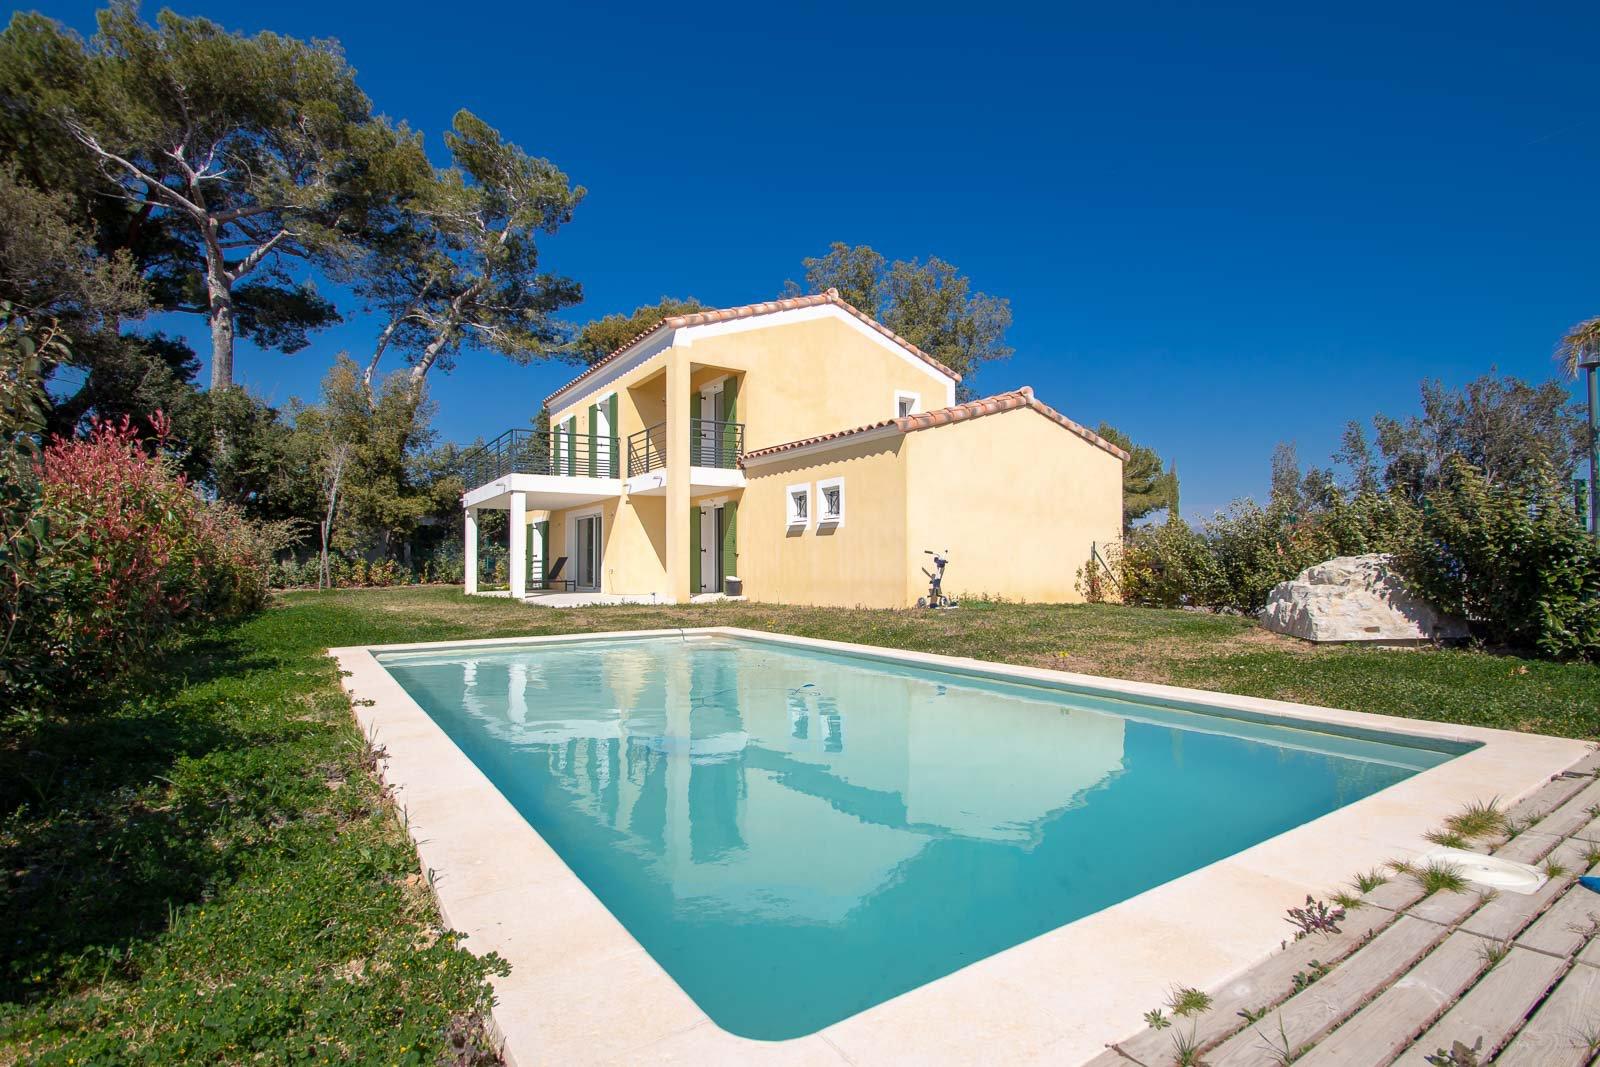 Villa BIOT - Proche Sophia 4 P - 120 m²